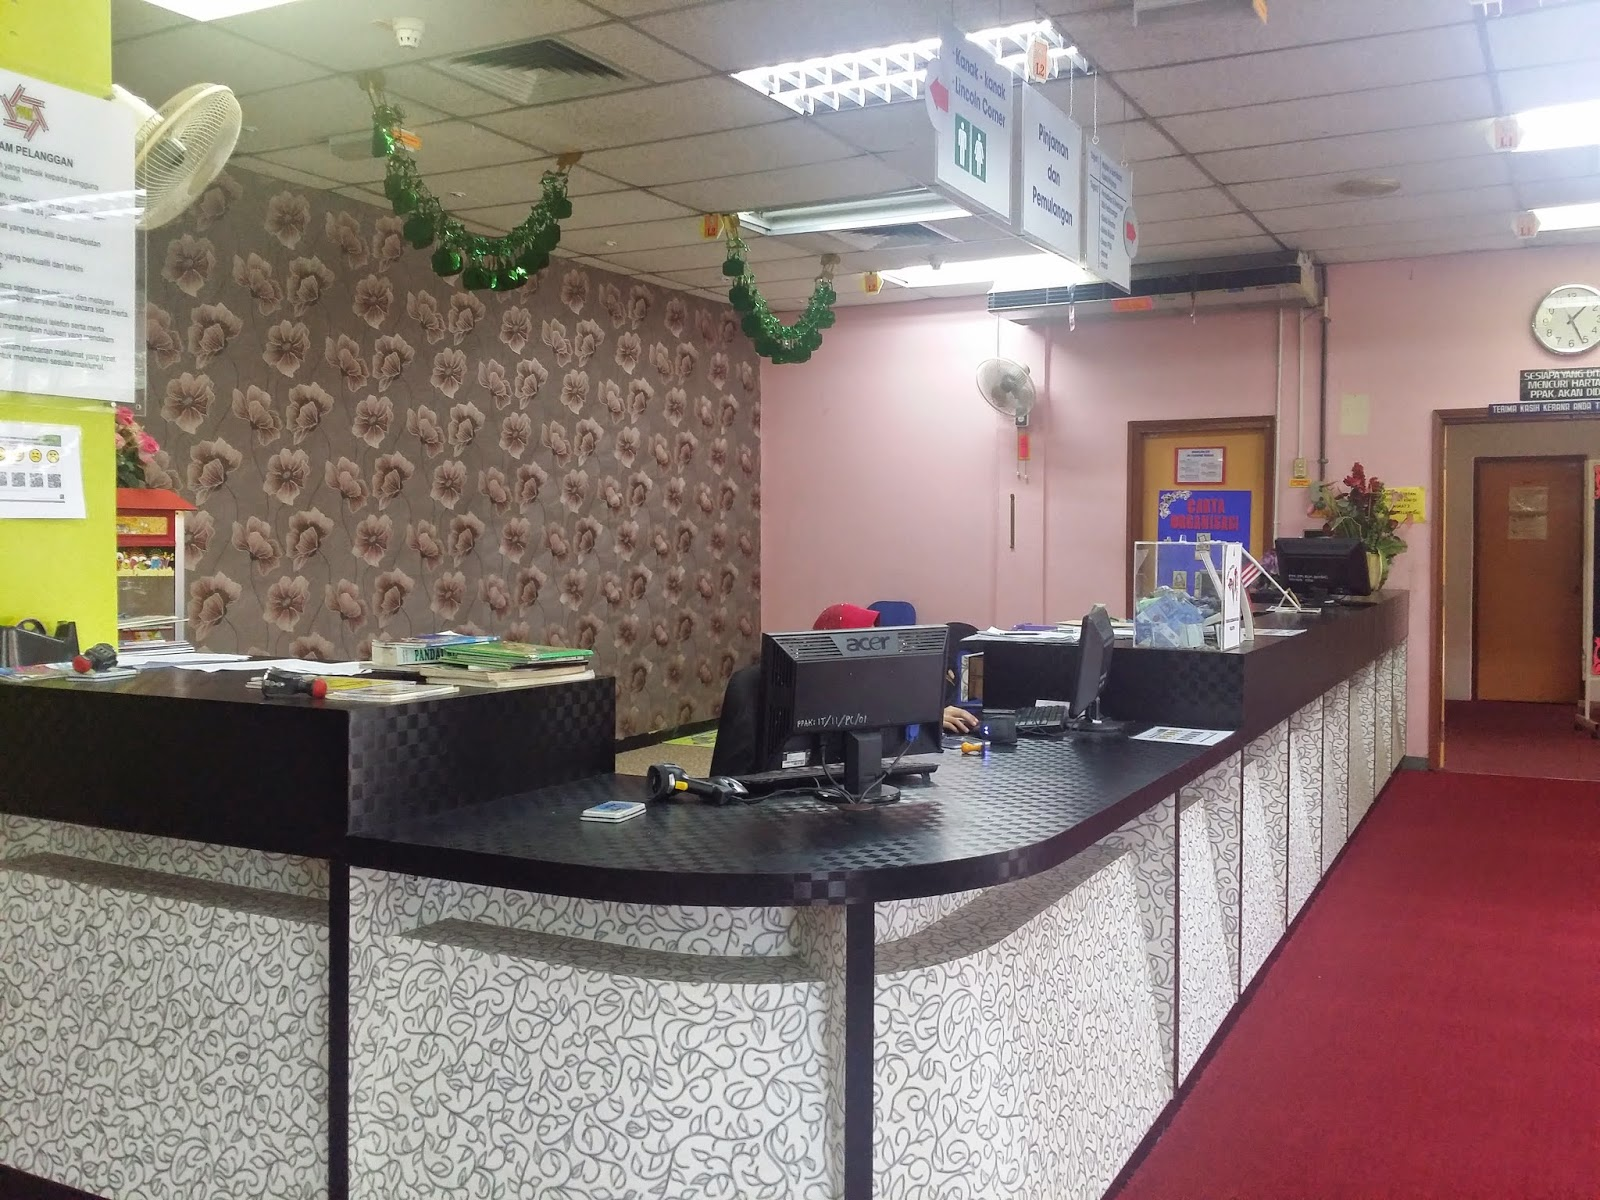 Perpustaakan Awam Negeri Kelantan, pustaka negeri kelantan, perpustakaan awam kota bharu, pustaka awam, pustaka awam kelantan,